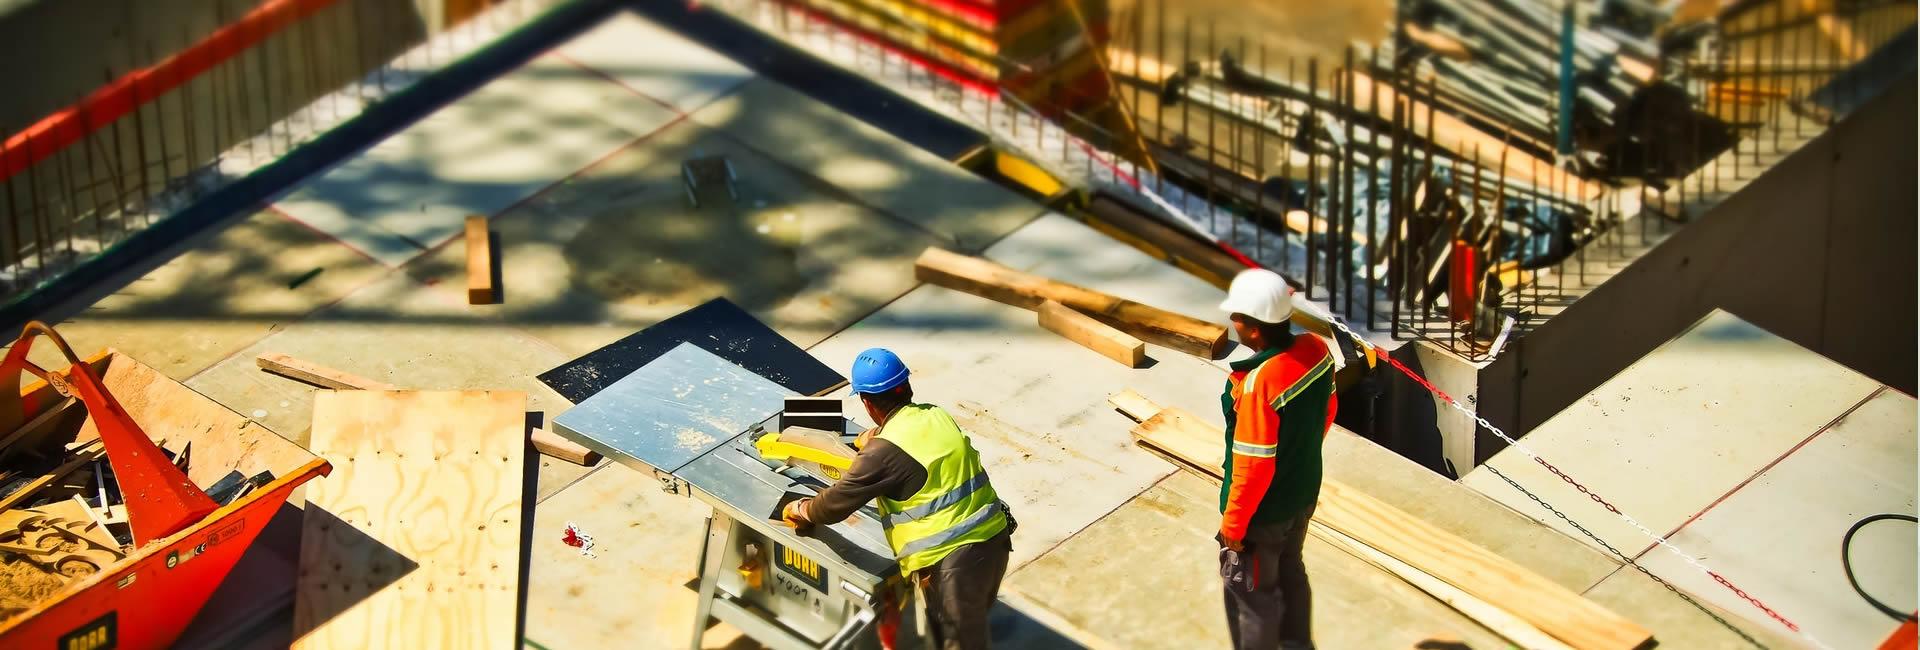 İş sağlığı ve güvenliği hizmetleri